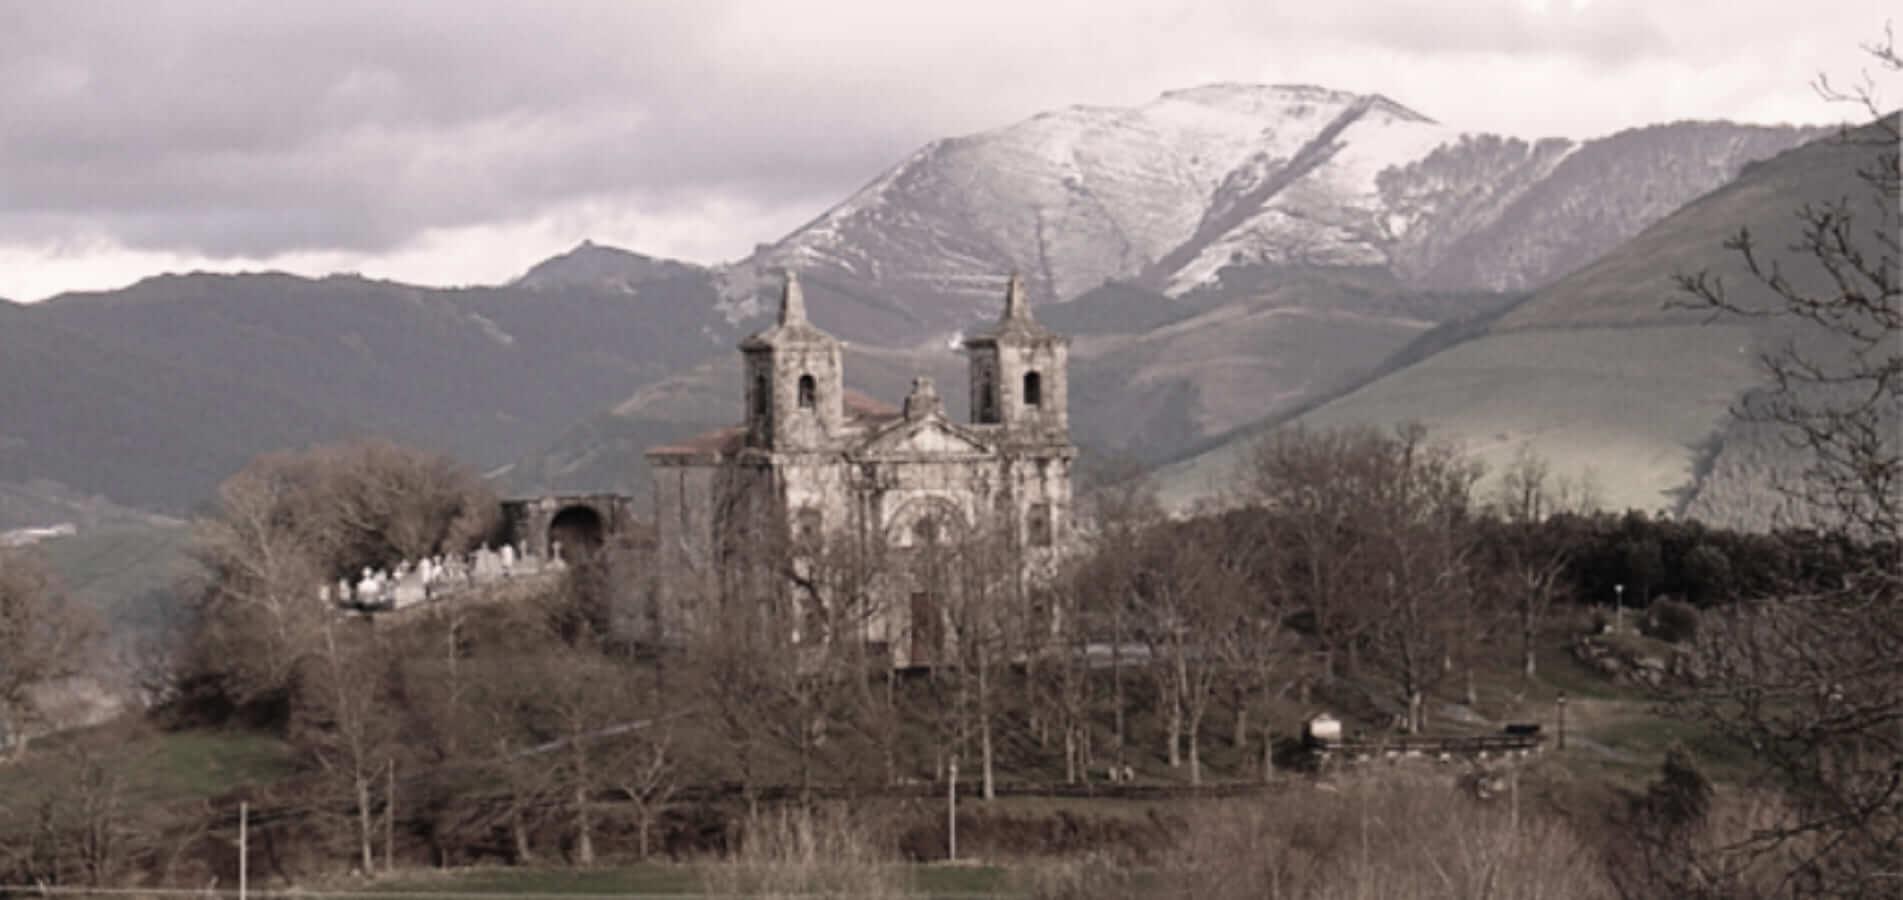 Ruta de las iglesias en el Valle de Karrantza